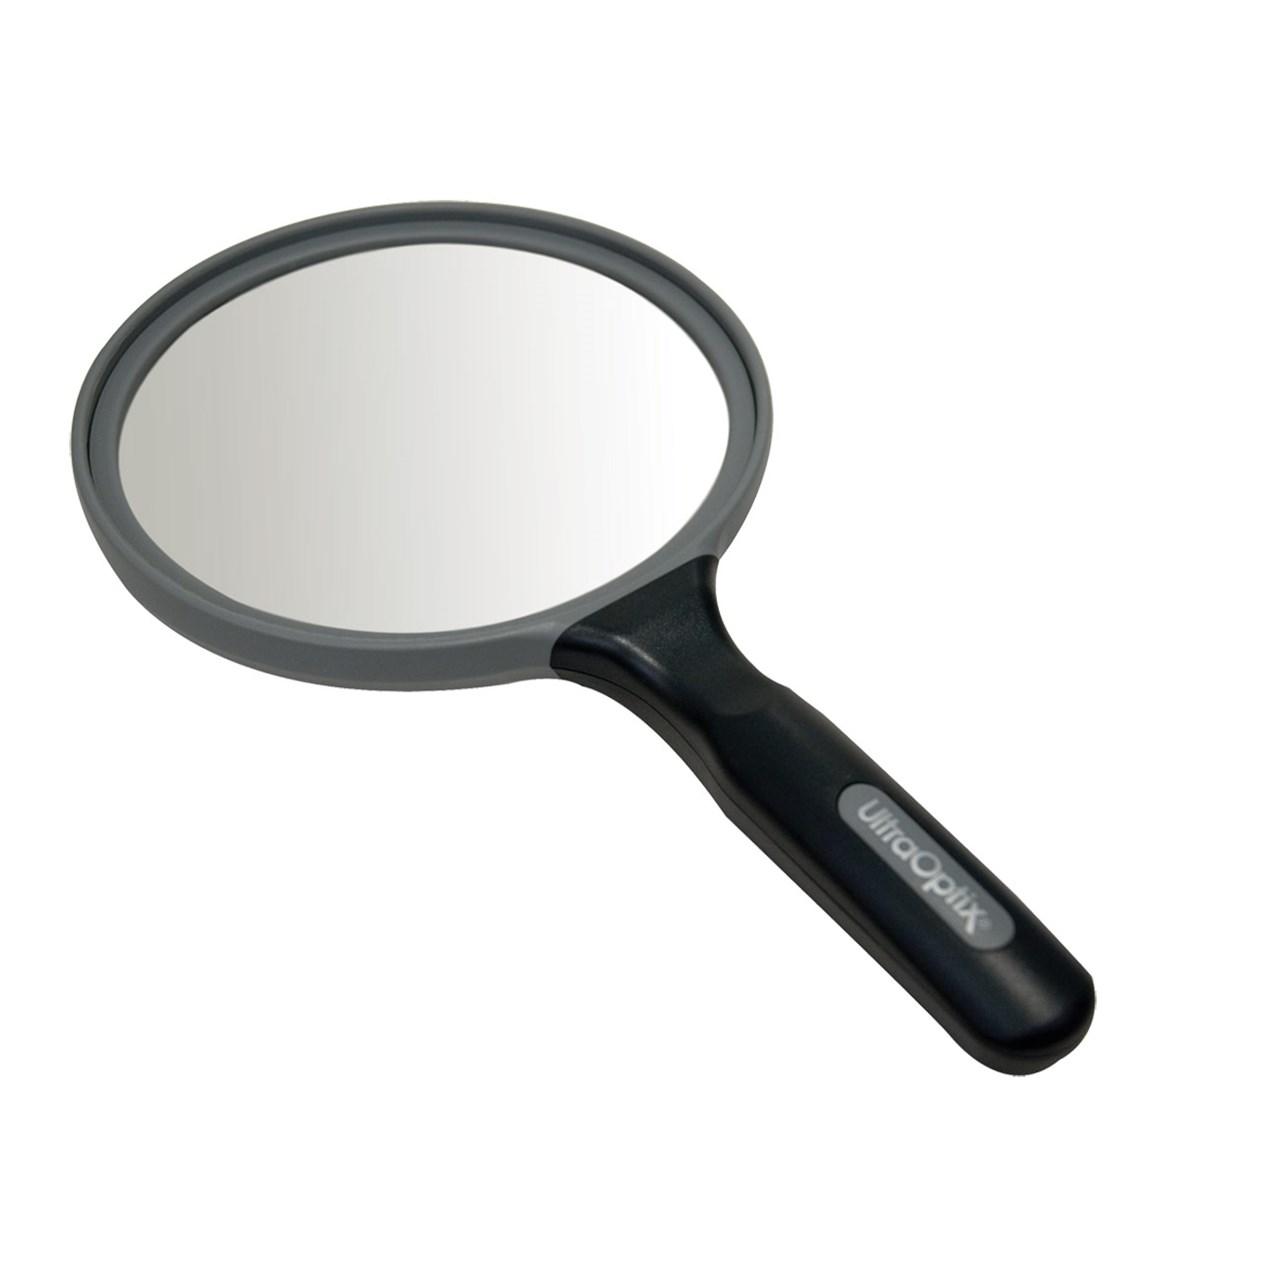 Ultraoptix 5 Inch Round Magnifier